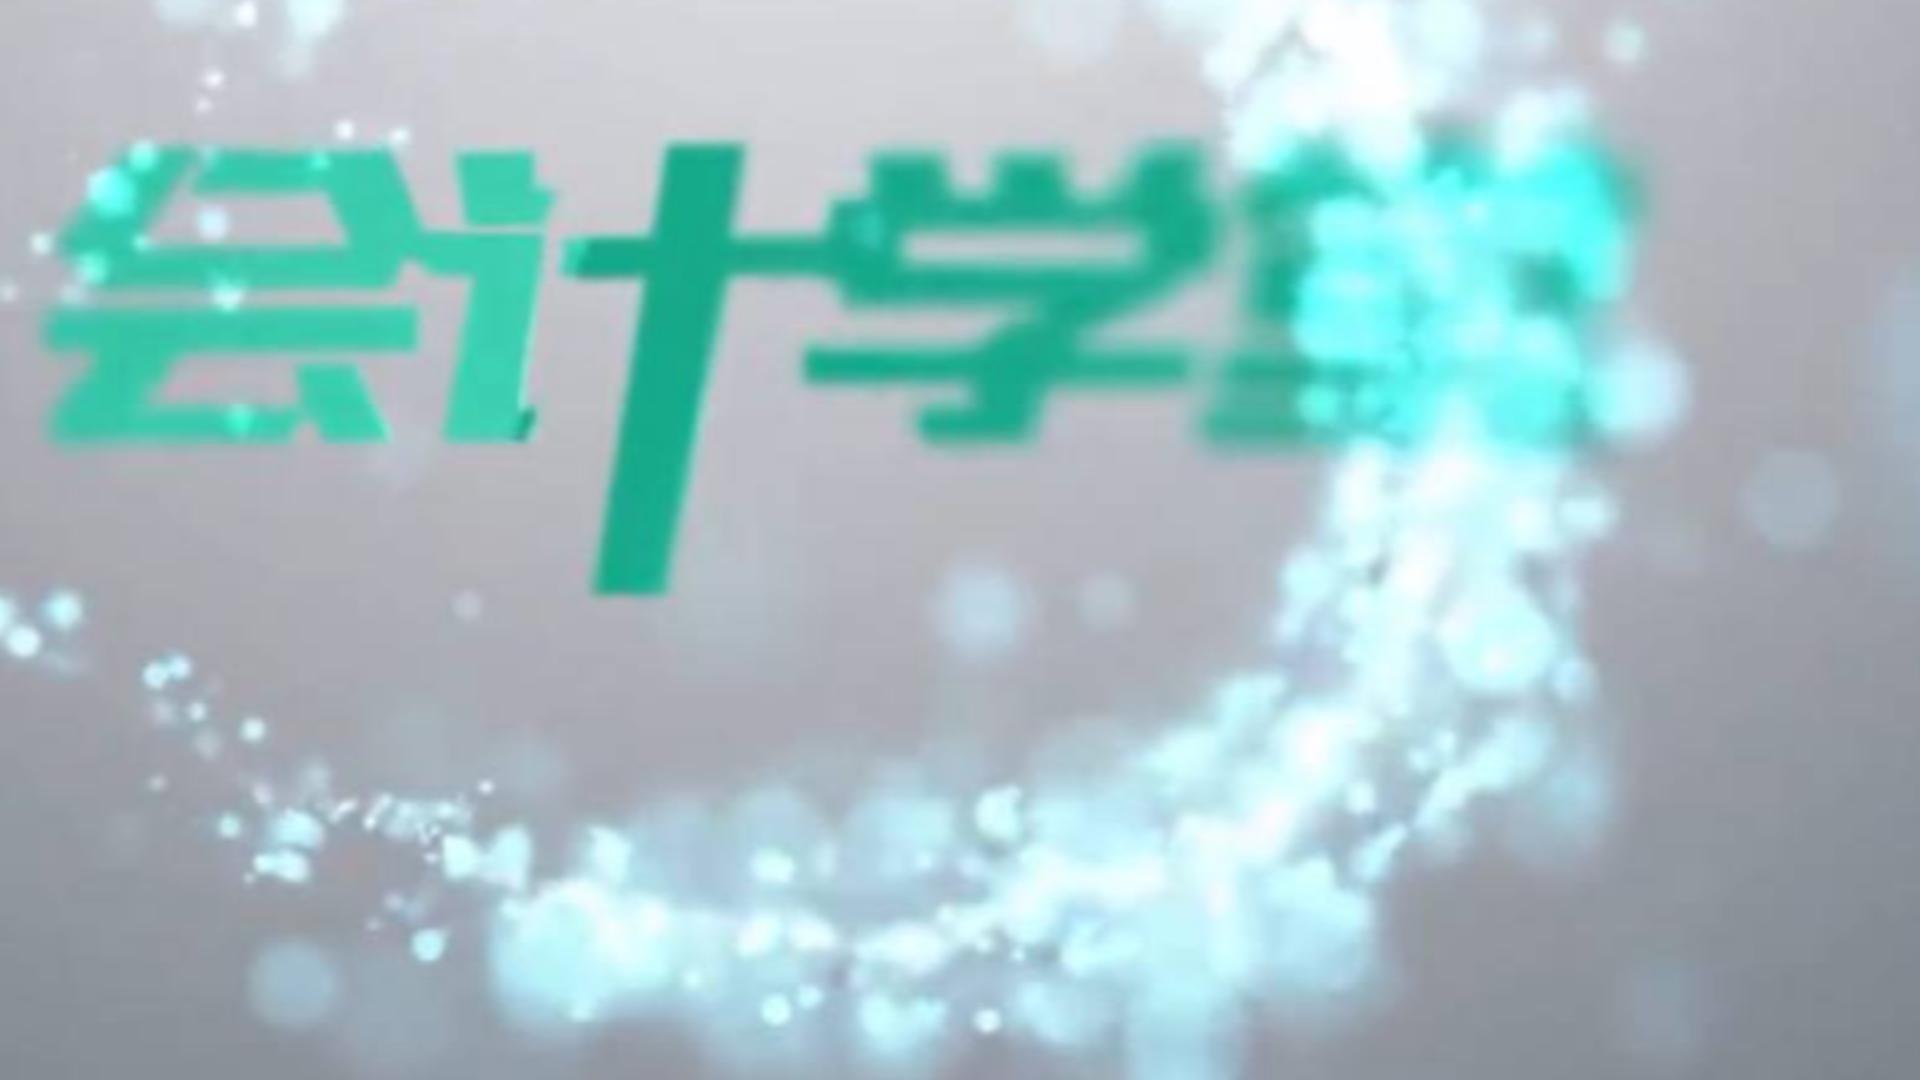 金蝶财务软件学习_金蝶财务软件演示版_金蝶财务软件商贸标准版